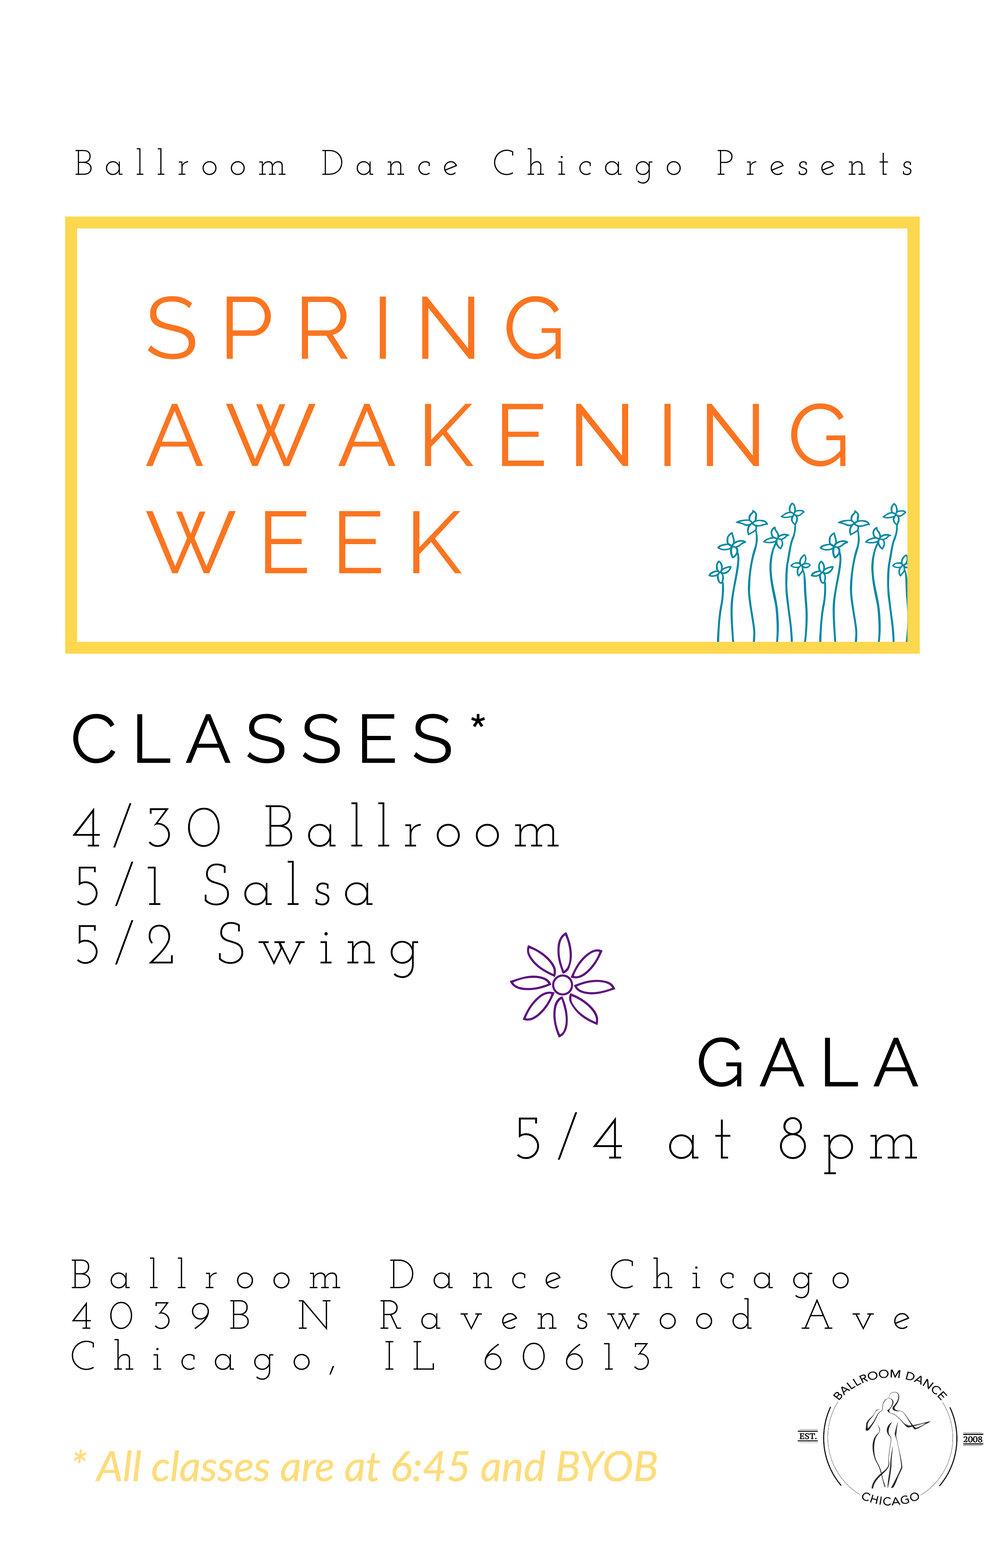 Spring awakening dance week and gala.jpg